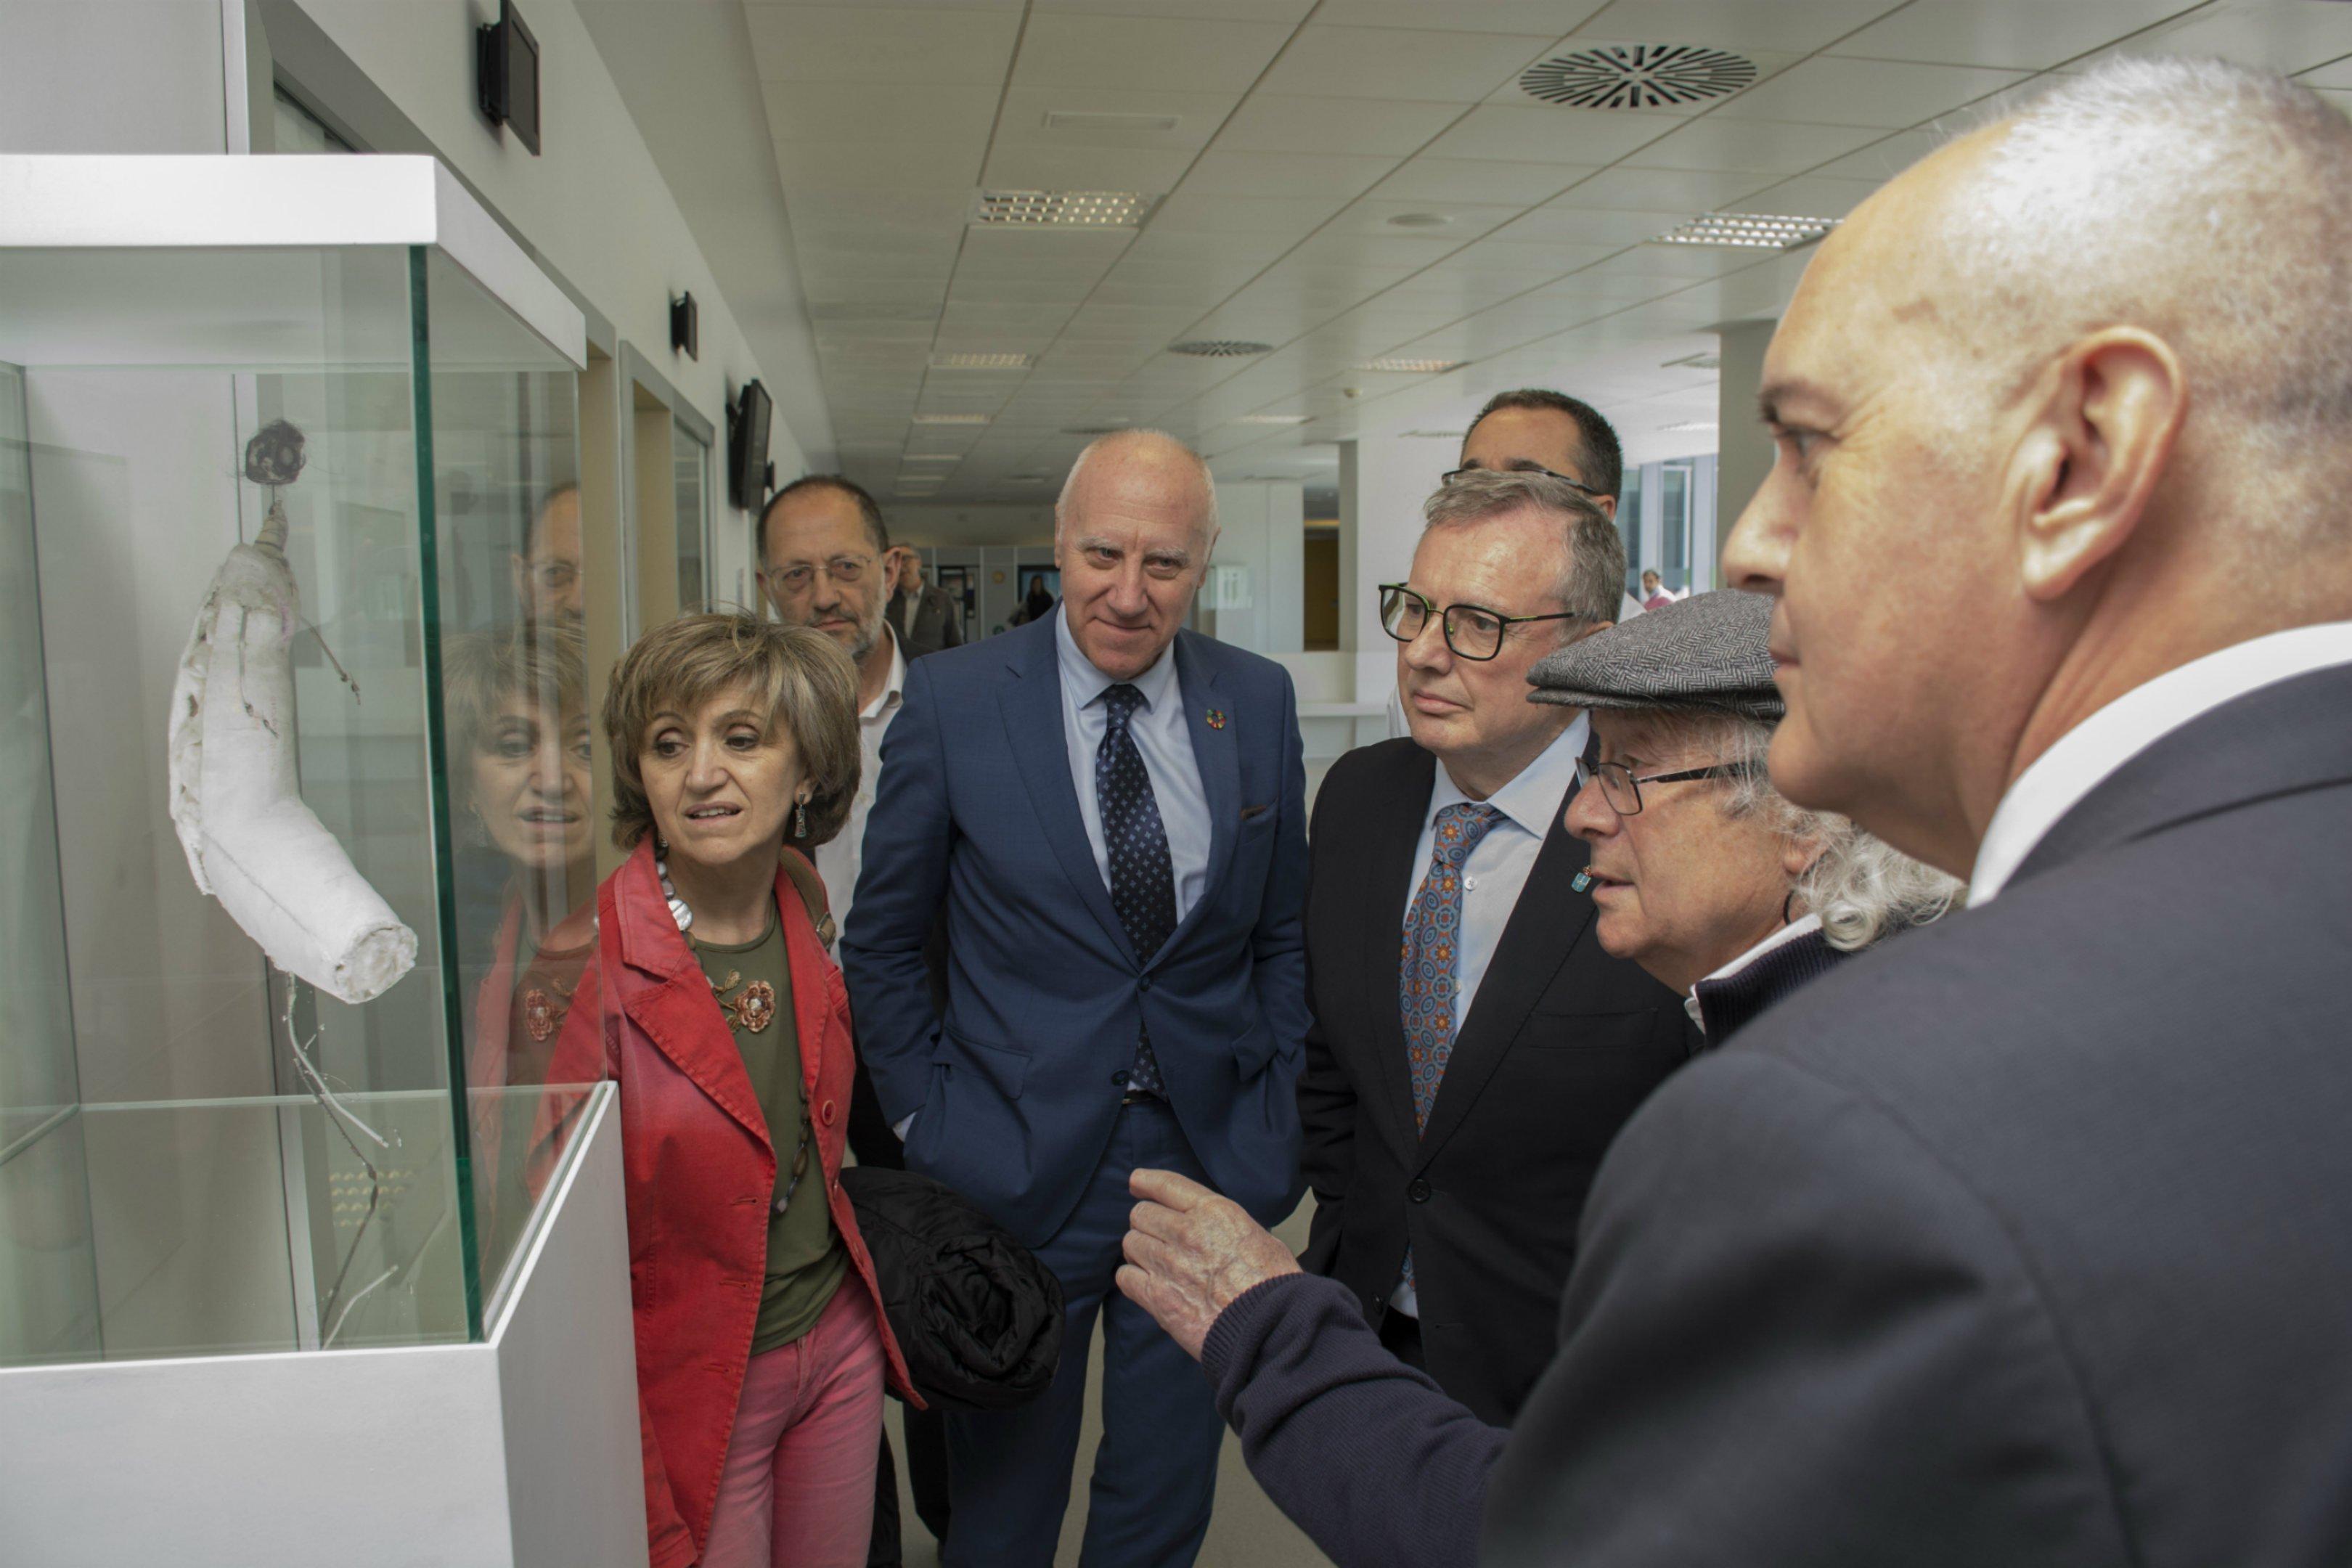 Herminio Álvarez inaugura exposición en el HUCA, que abre sus puertas a las artes plásticas